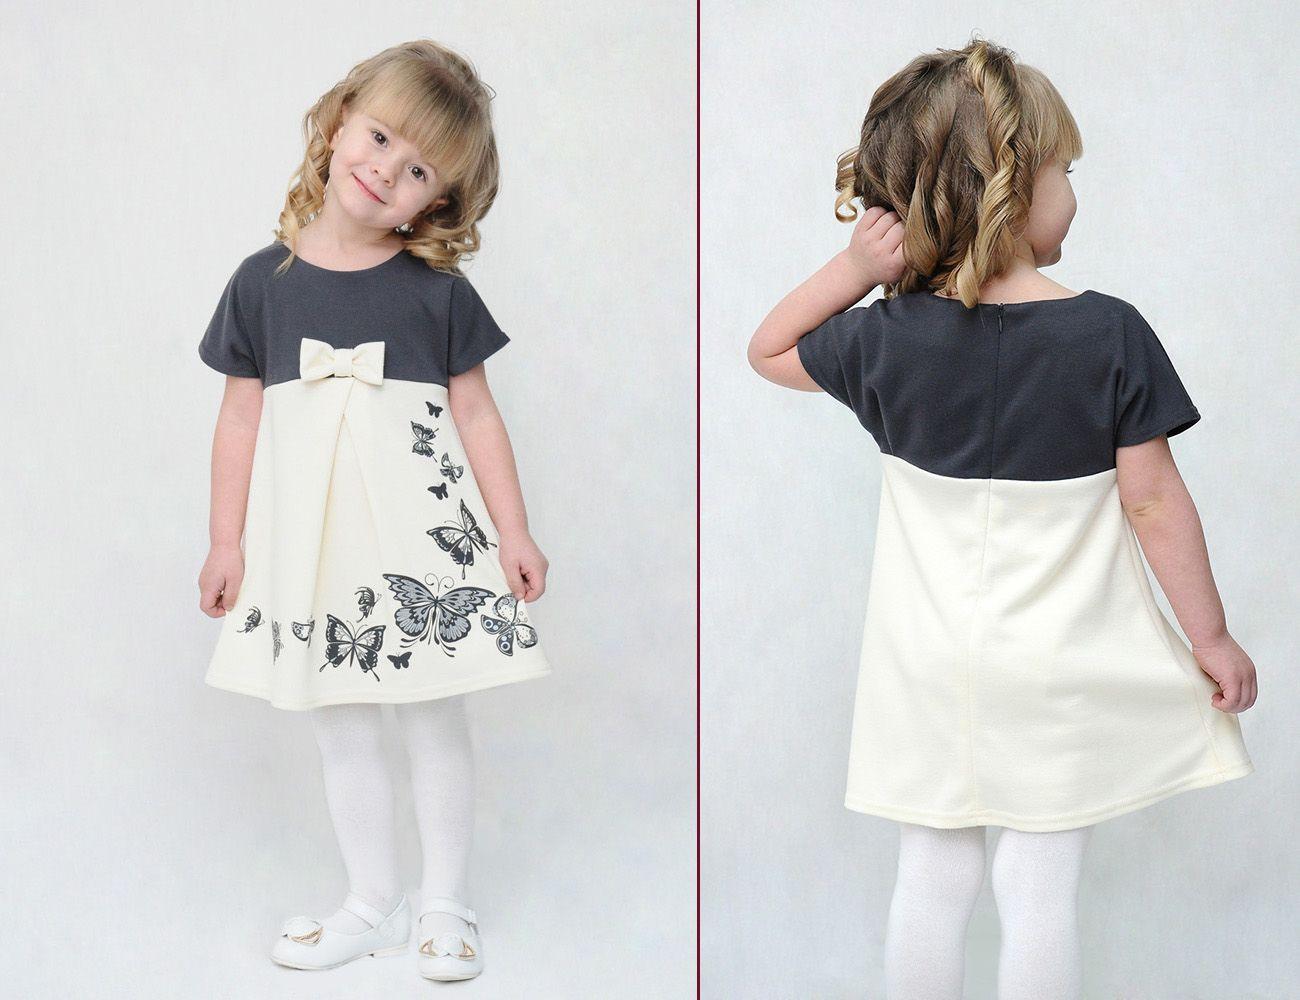 b408af323a4 трикотажное платье для девочек  19 тыс изображений найдено в  Яндекс.Картинках